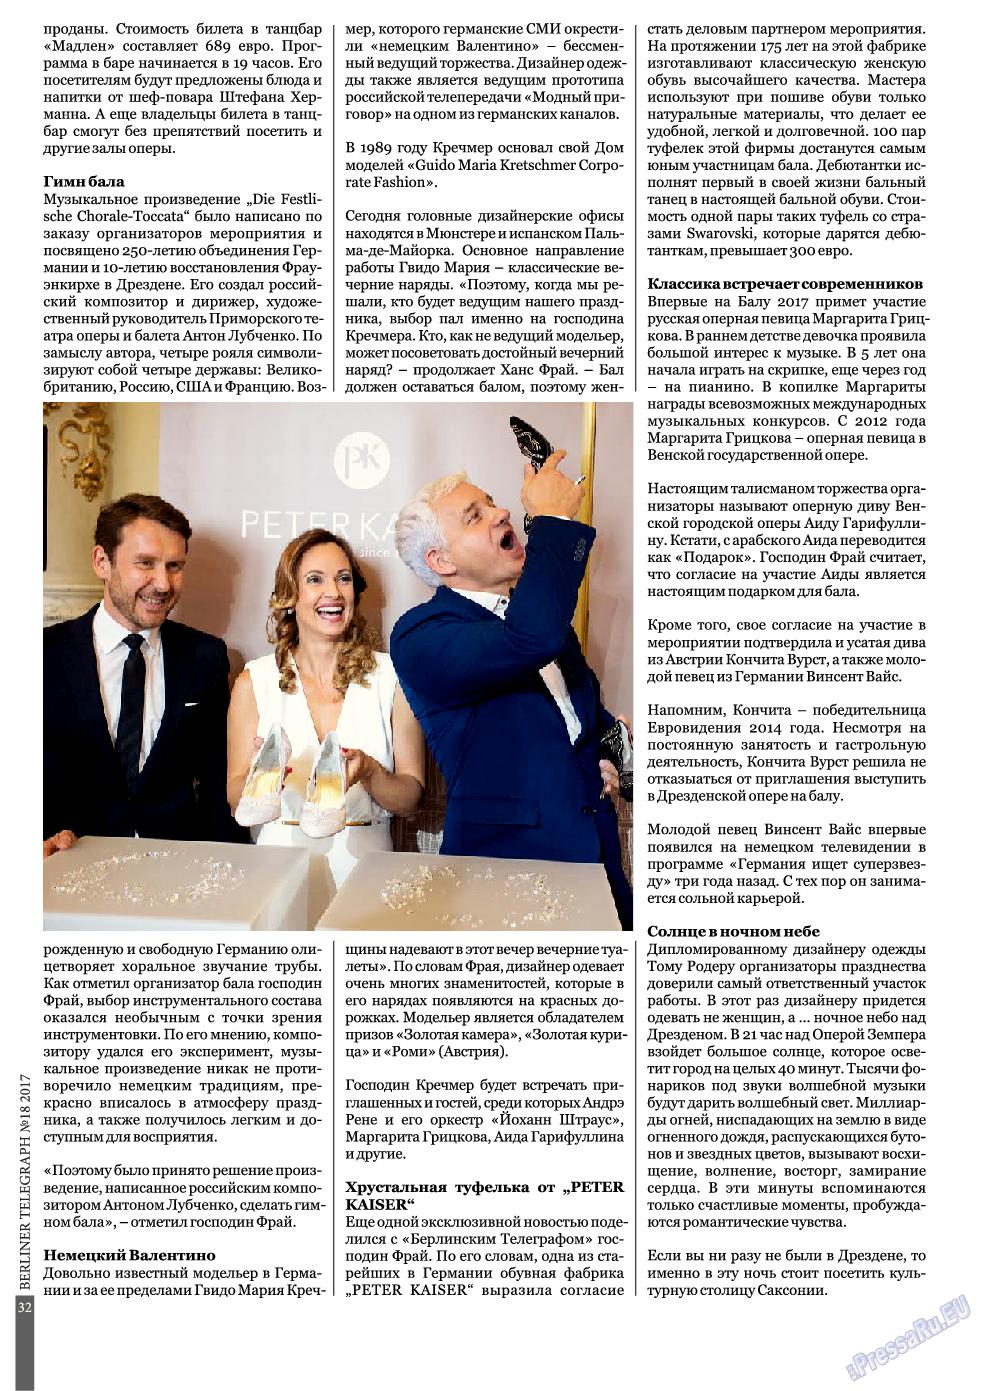 Берлинский телеграф (журнал). 2017 год, номер 18, стр. 32